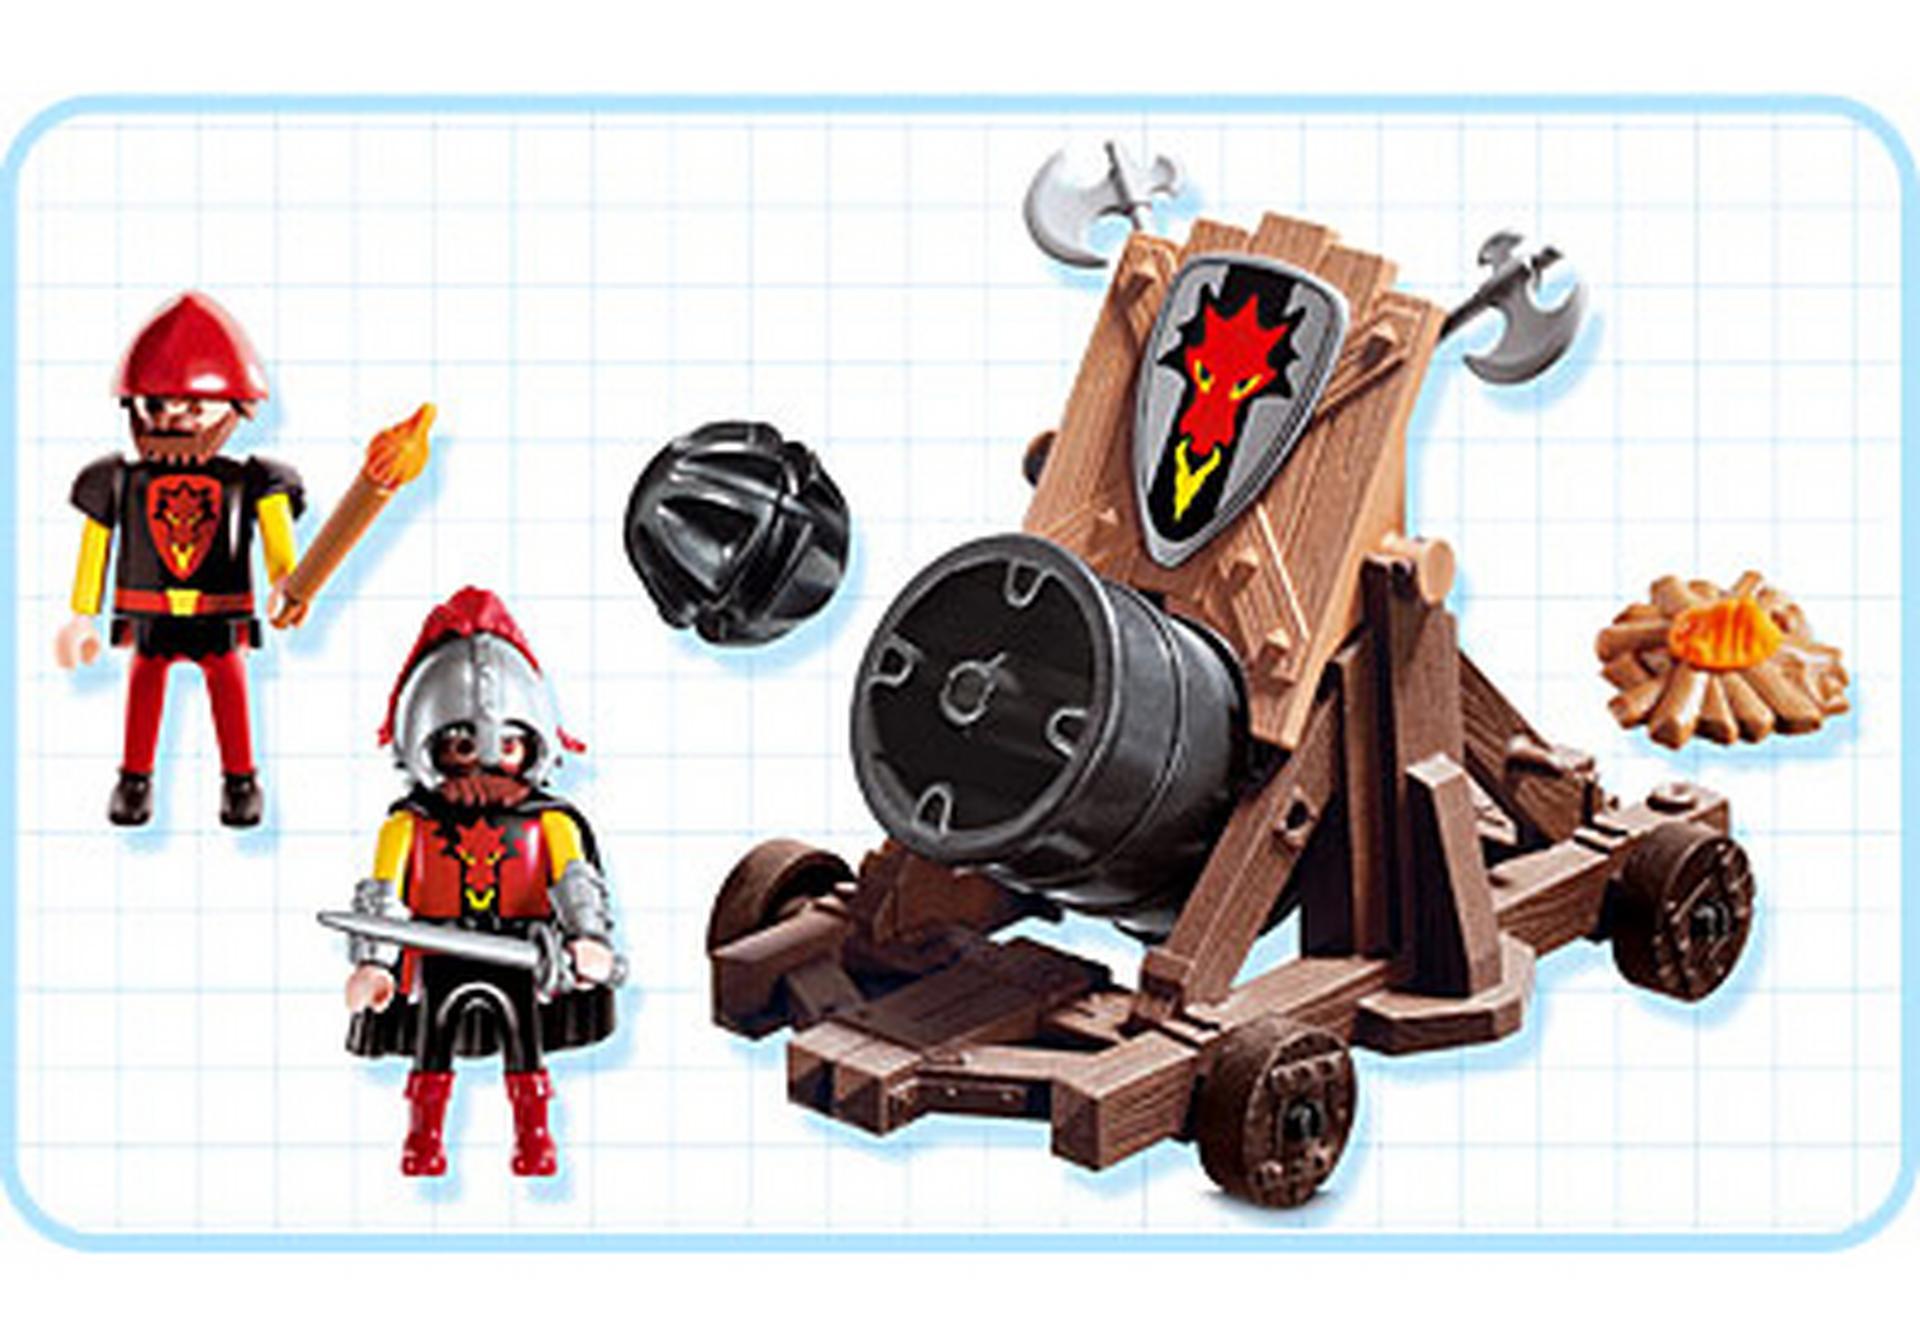 Drachenritter mit angriffsgesch tz 3320 b playmobil for Jugendzimmer playmobil